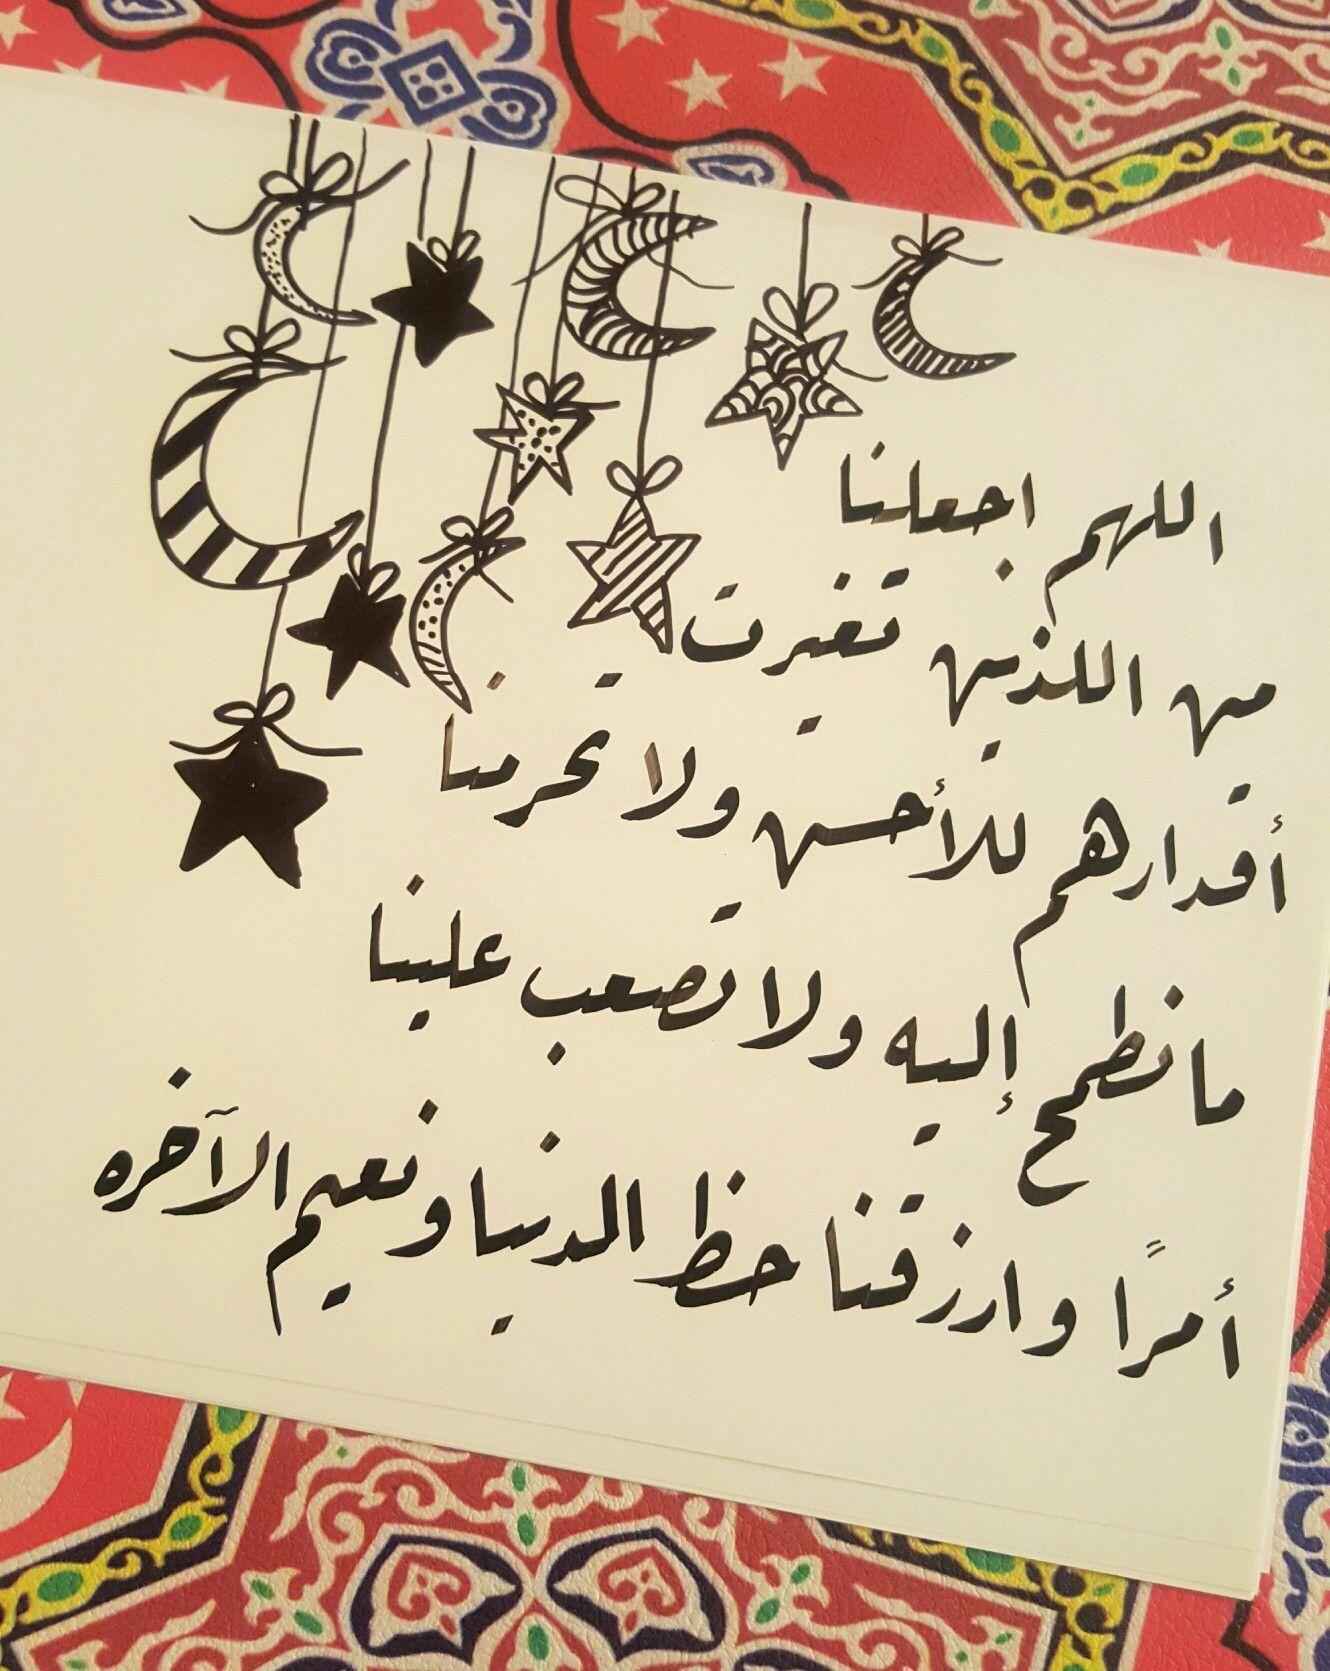 دعاء رمضان ليلة القدر العتق من النار خط خطي رقعه Ramadan Quotes Ramadan Decorations Ramadan